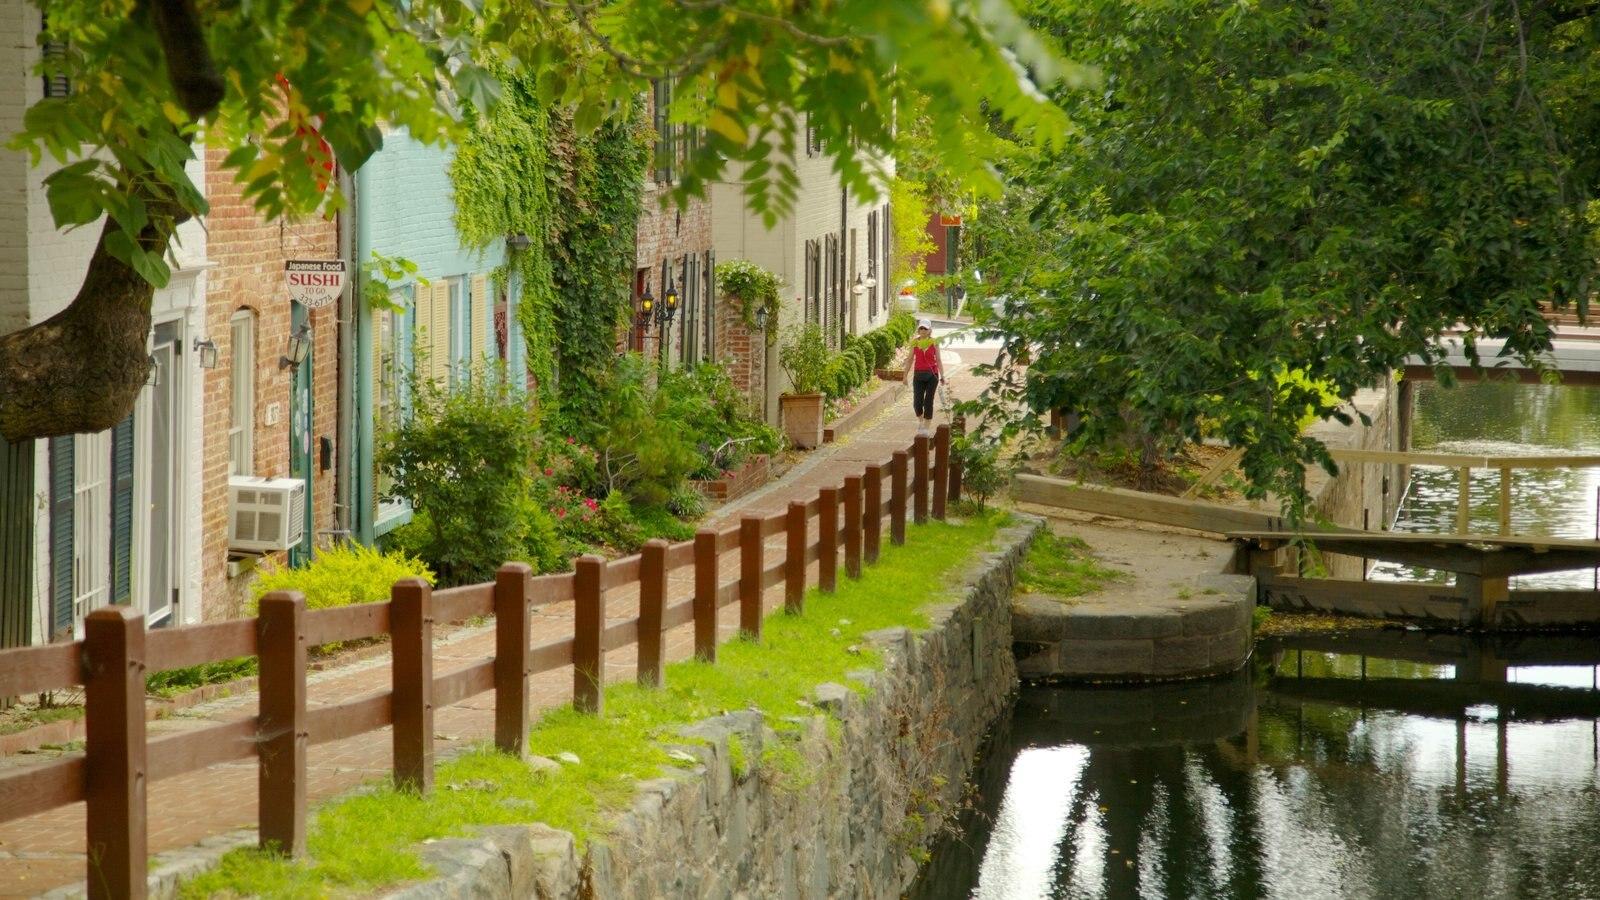 District of Columbia mostrando uma casa, um rio ou córrego e arquitetura de patrimônio